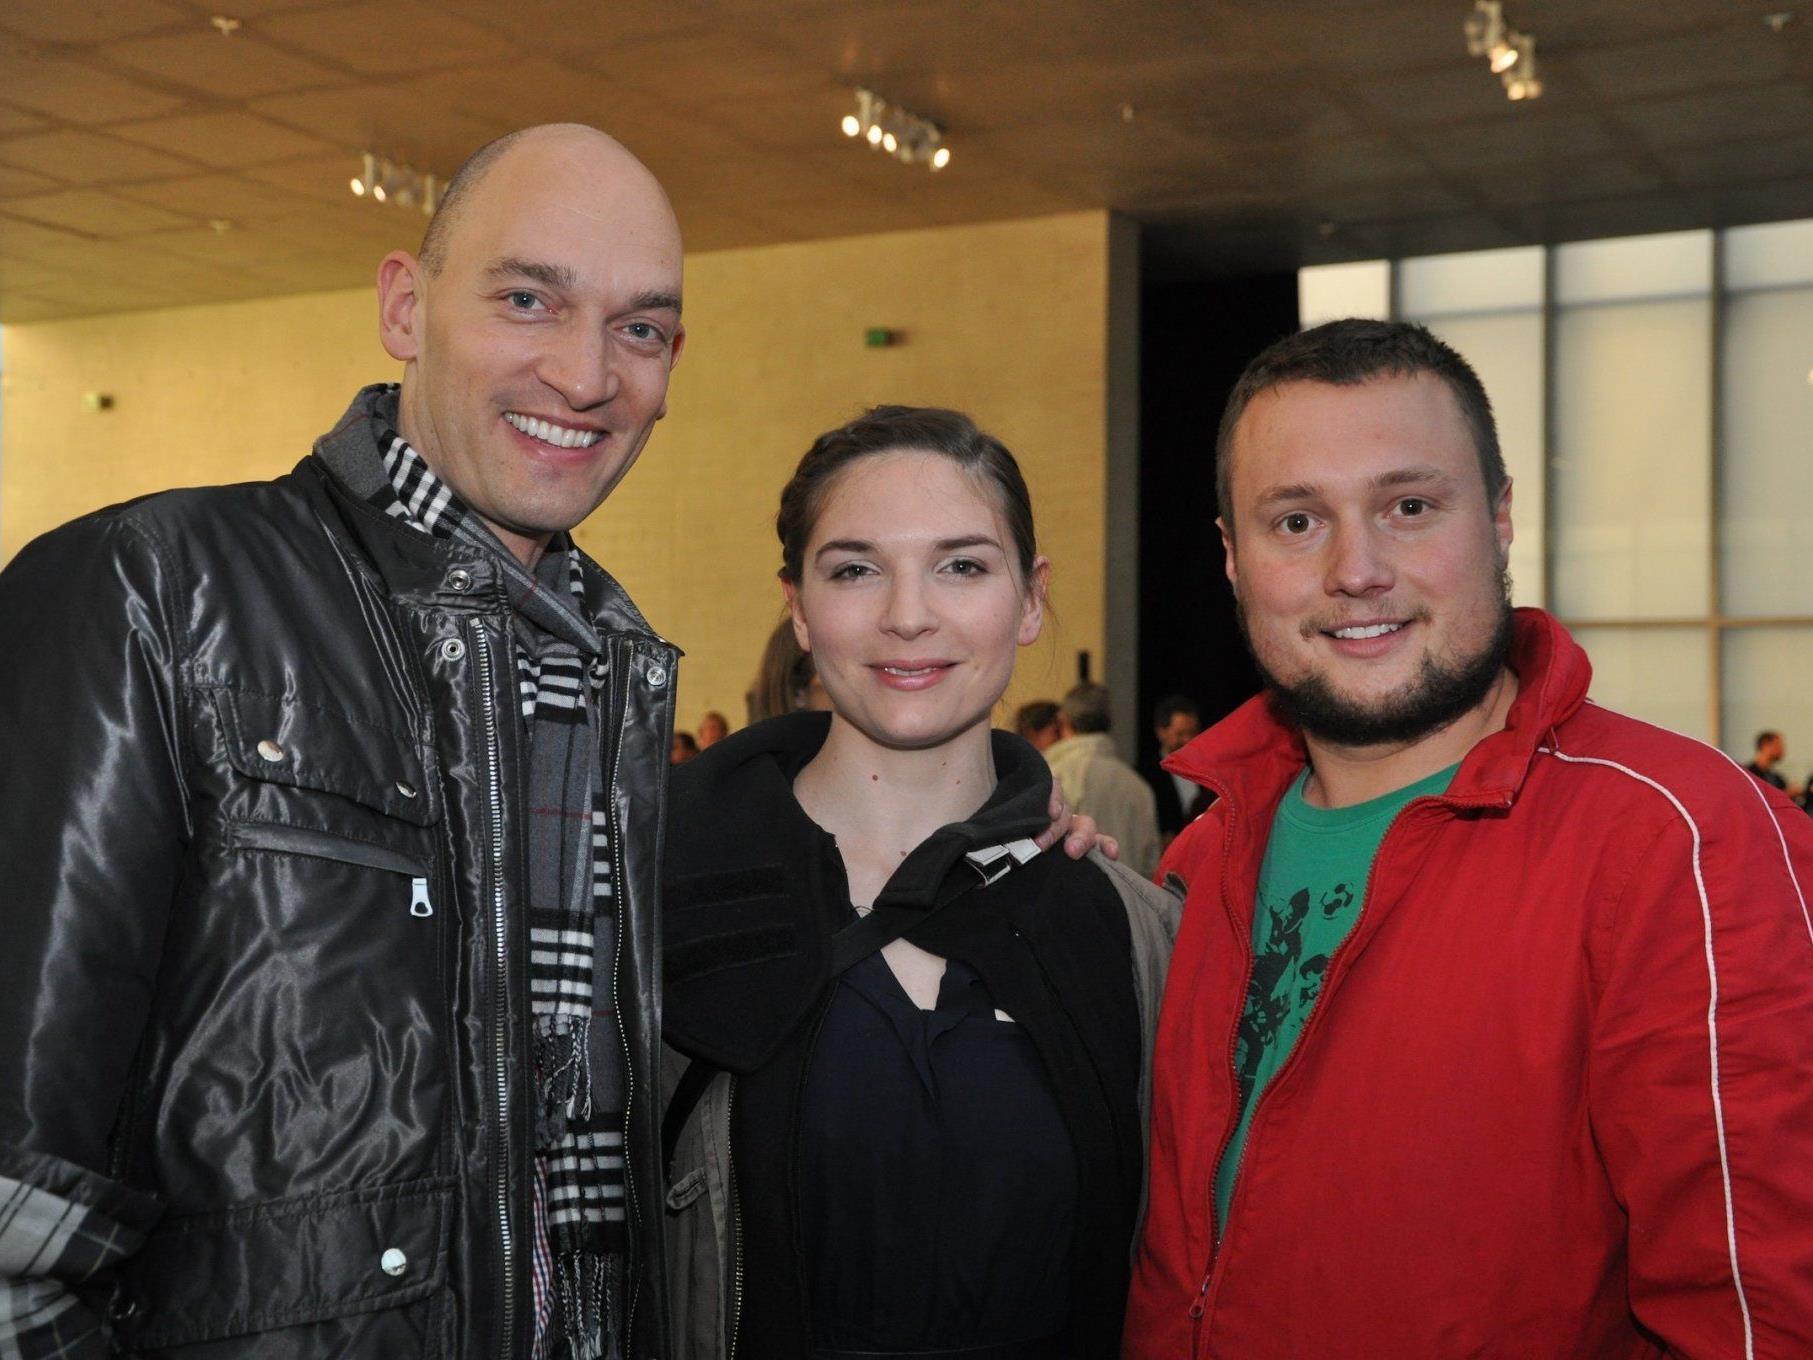 Unter den Gästen (v.l.): Stefan Ruhl, Katrin Hauptmann und Maximilian Laprell